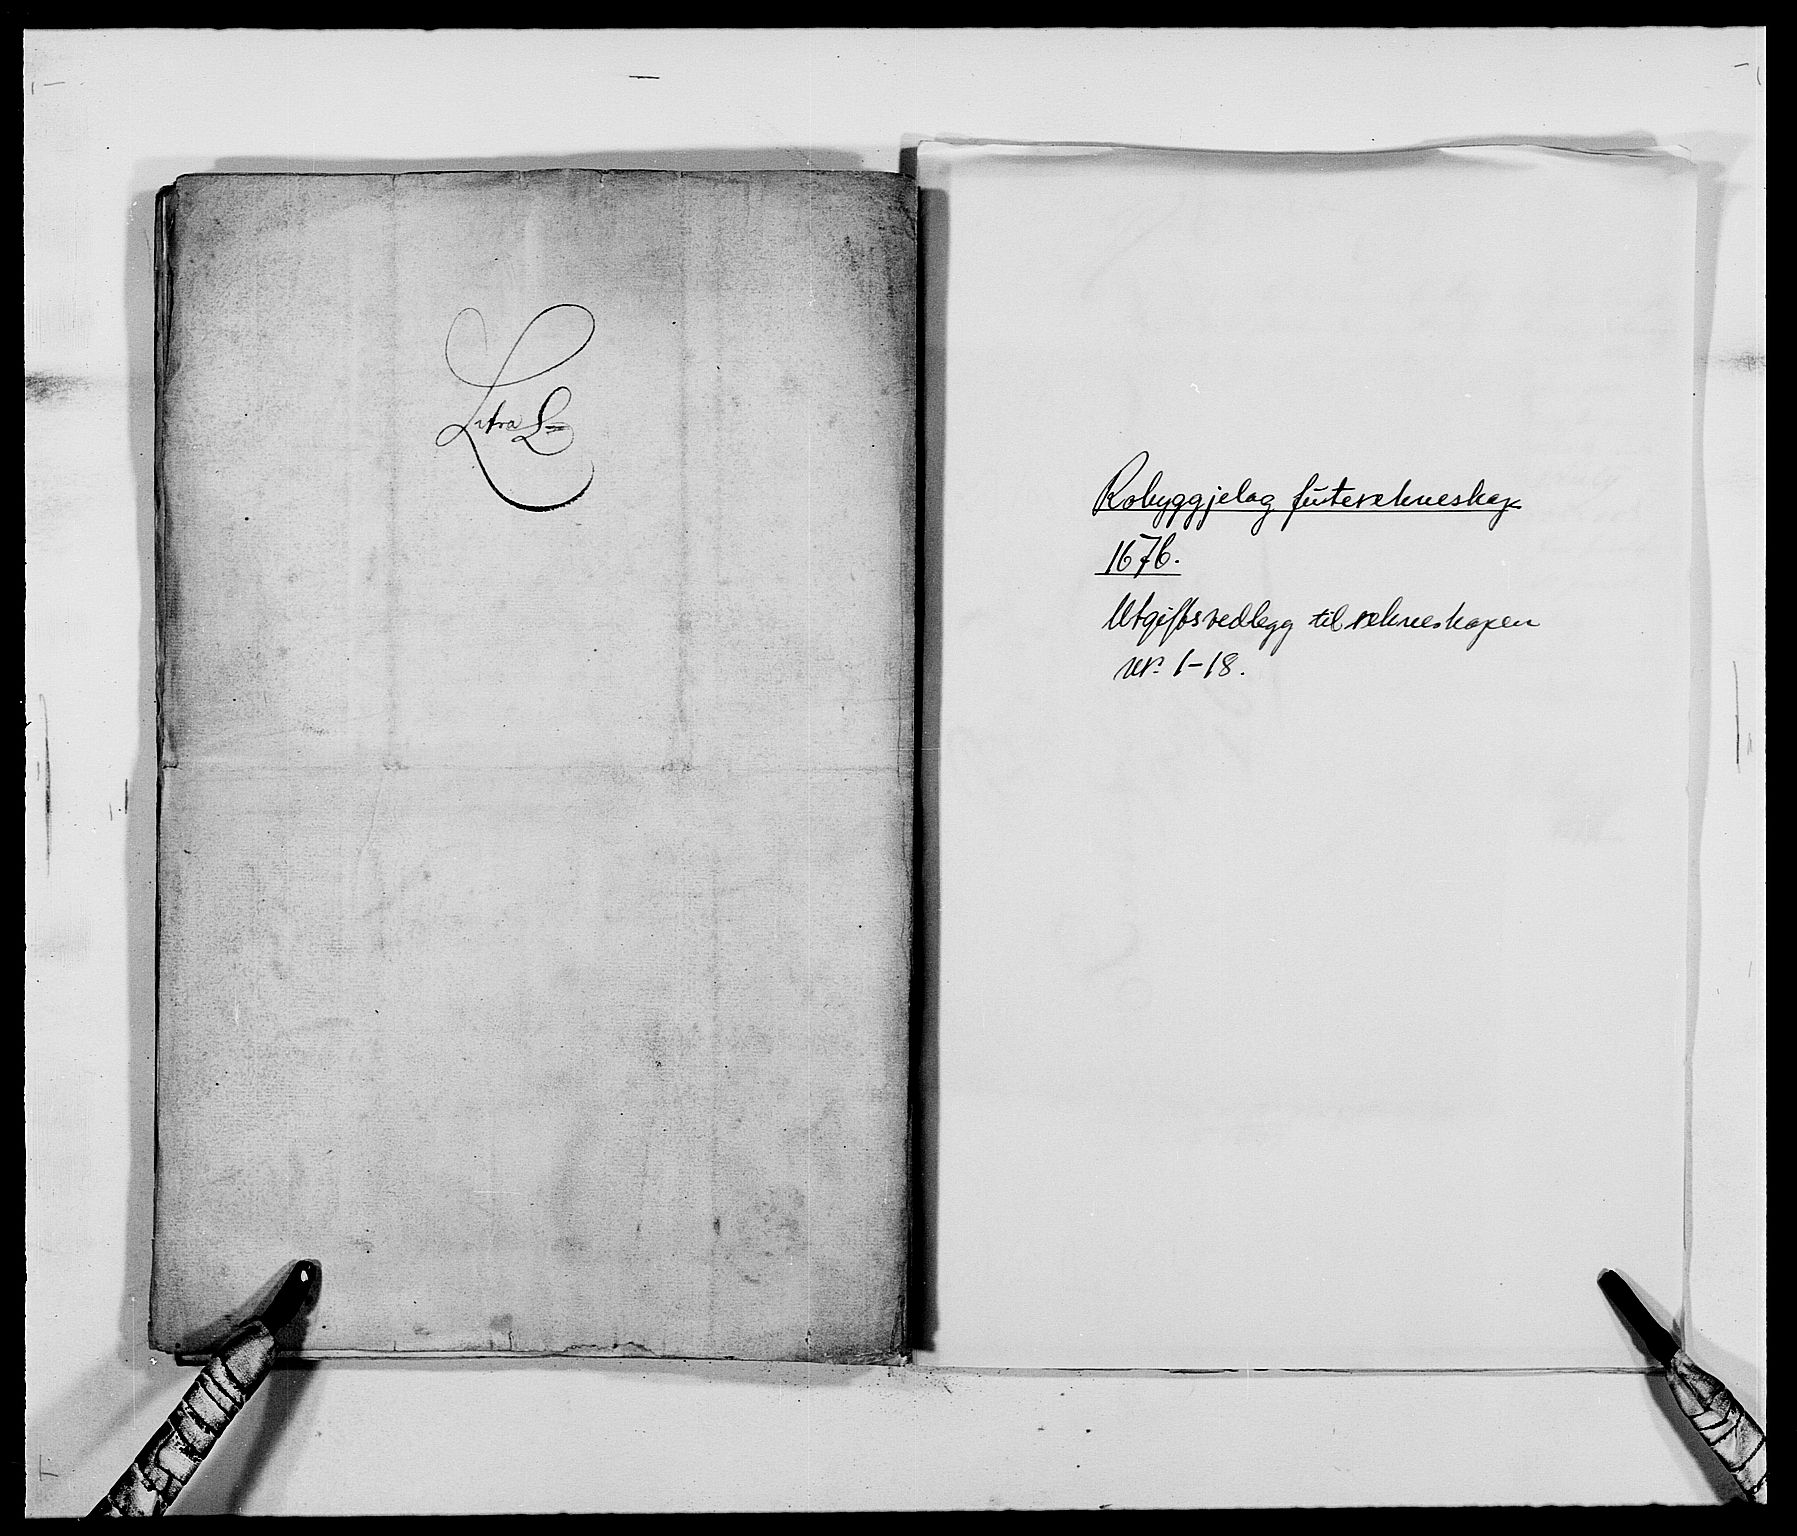 RA, Rentekammeret inntil 1814, Reviderte regnskaper, Fogderegnskap, R40/L2434: Fogderegnskap Råbyggelag, 1675-1676, s. 392